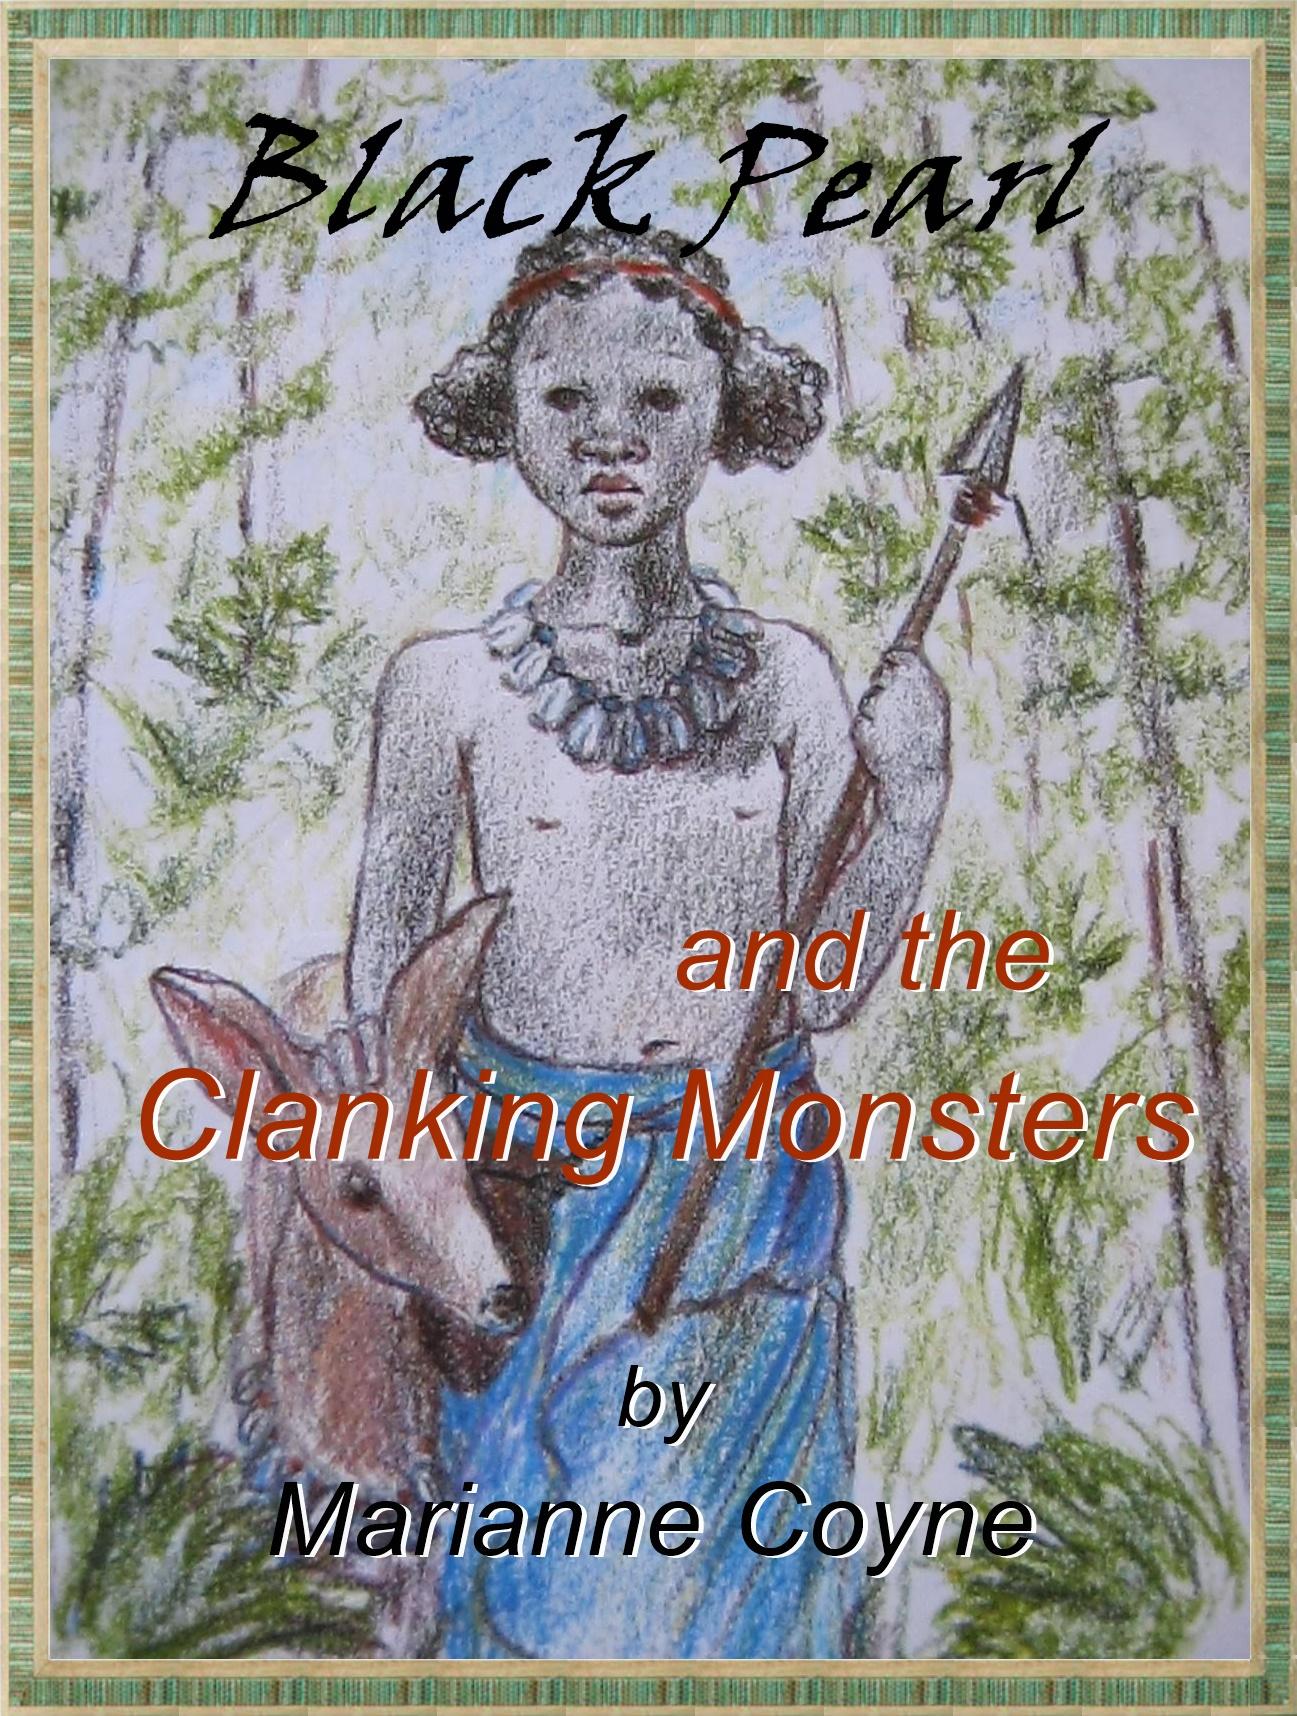 Children's story on Amazon Kindle